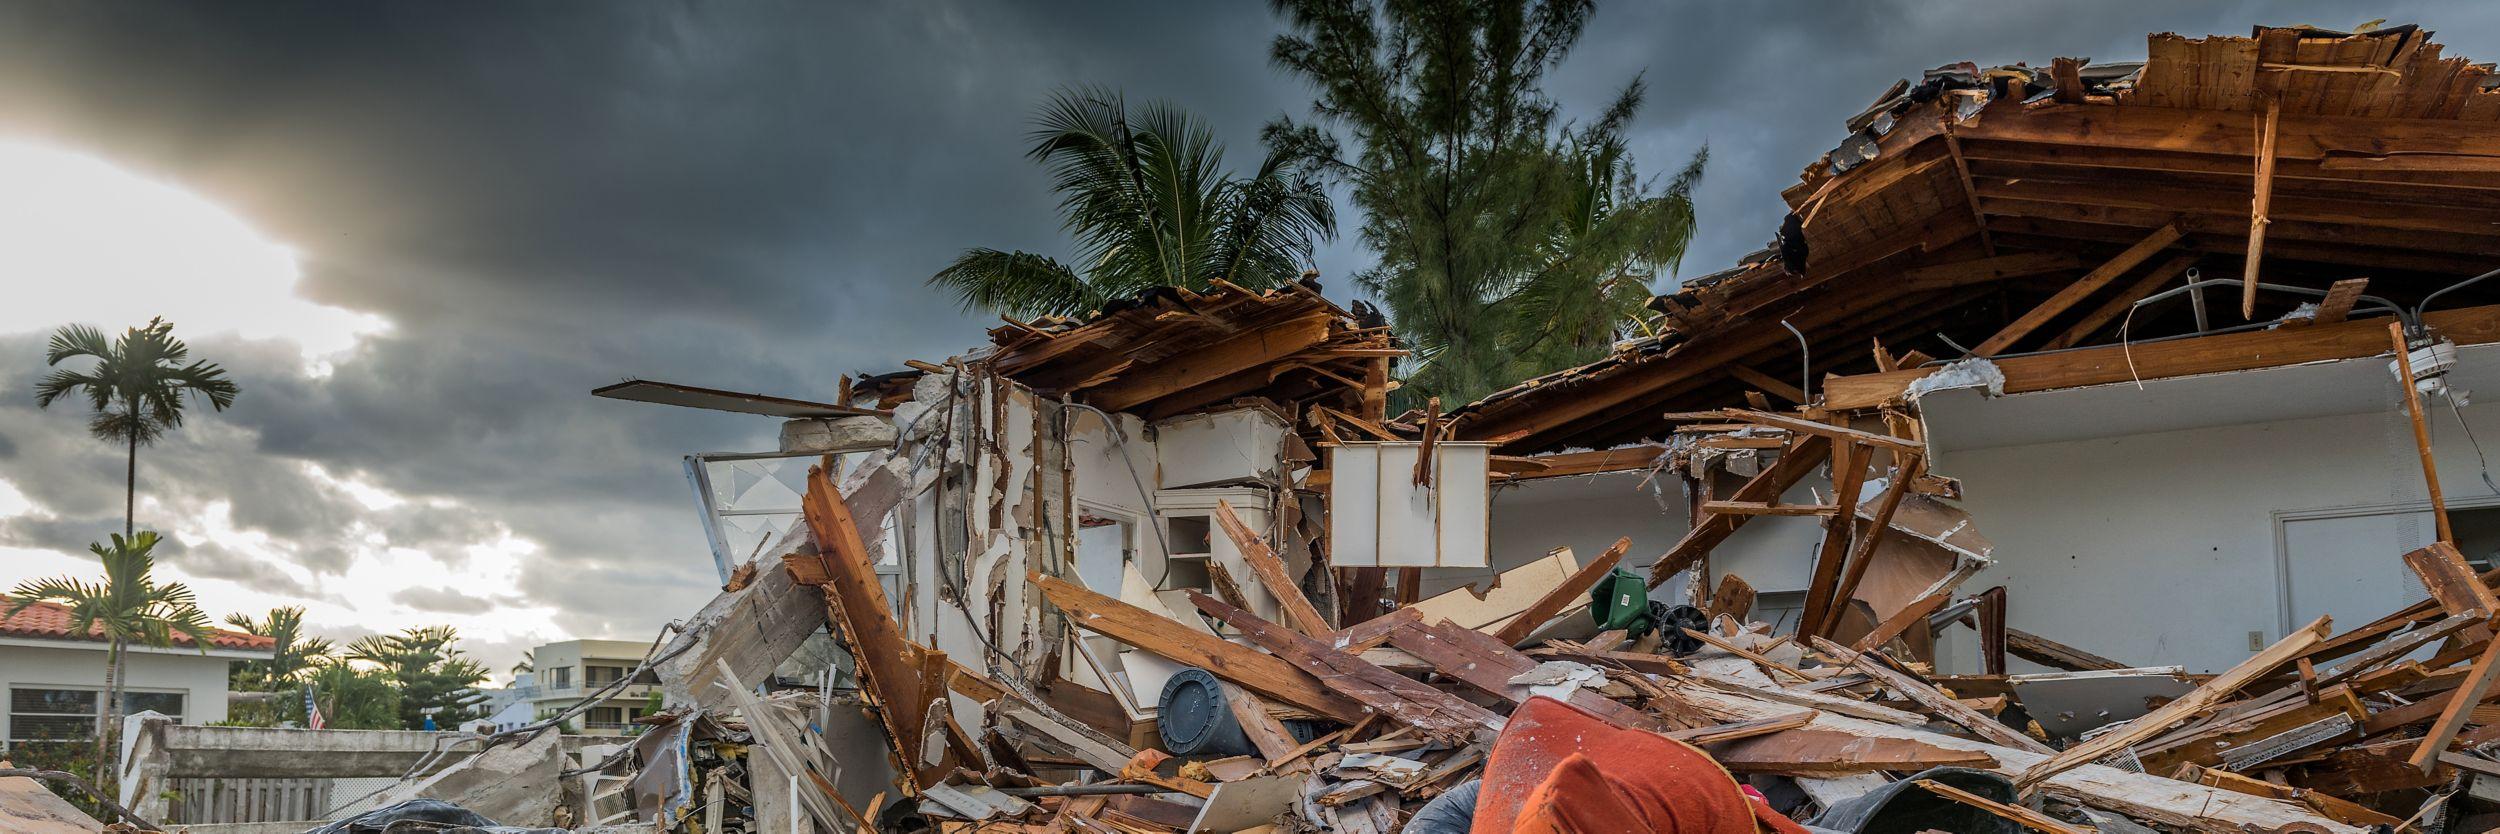 Soccorso della Croce Rossa Americana in caso di catastrofi